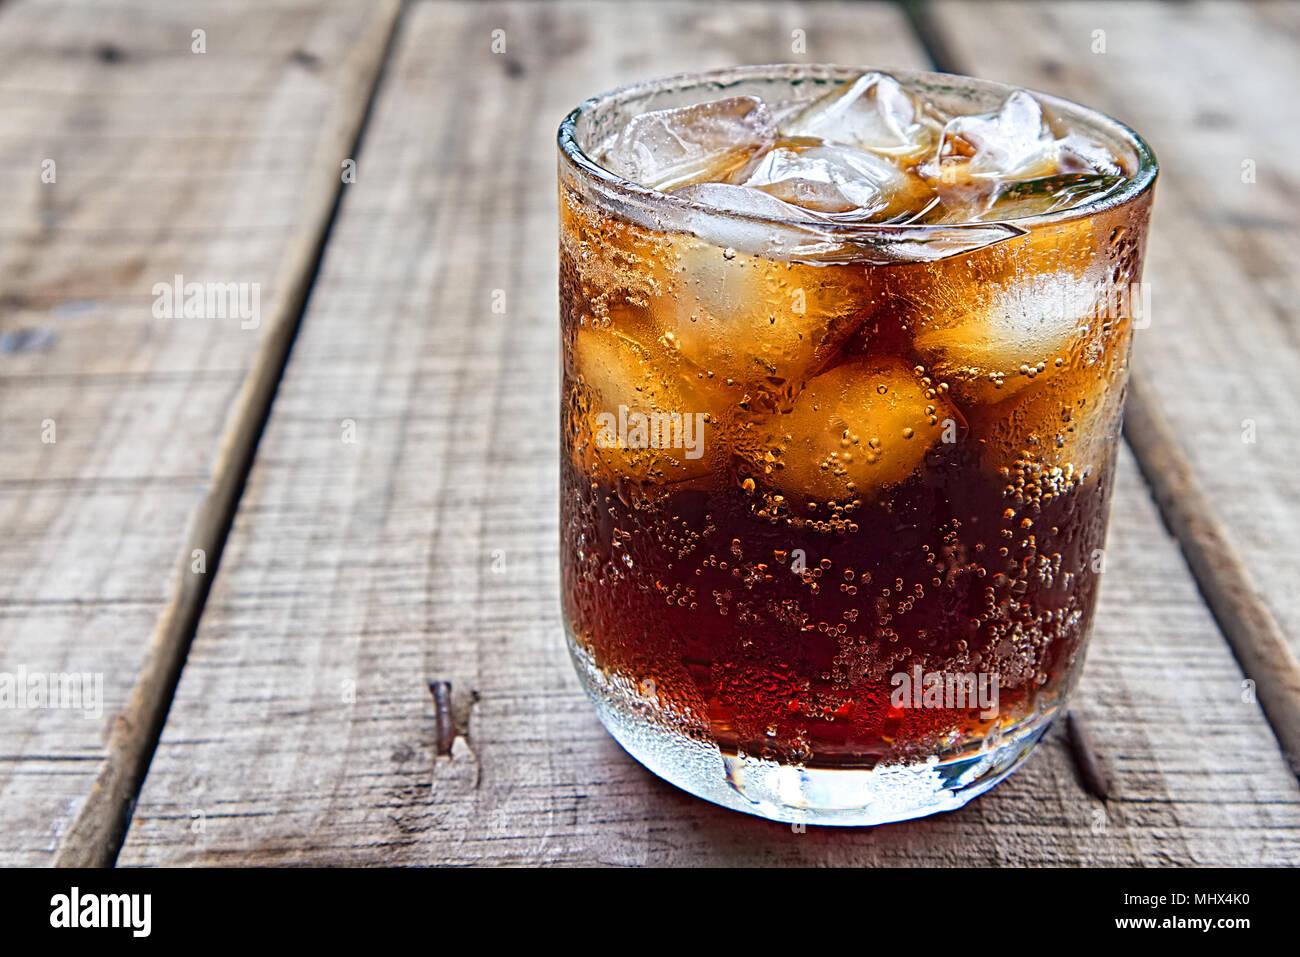 Un Vaso De Coca Cola Con Hielo En Placa De Madera Foto Imagen De